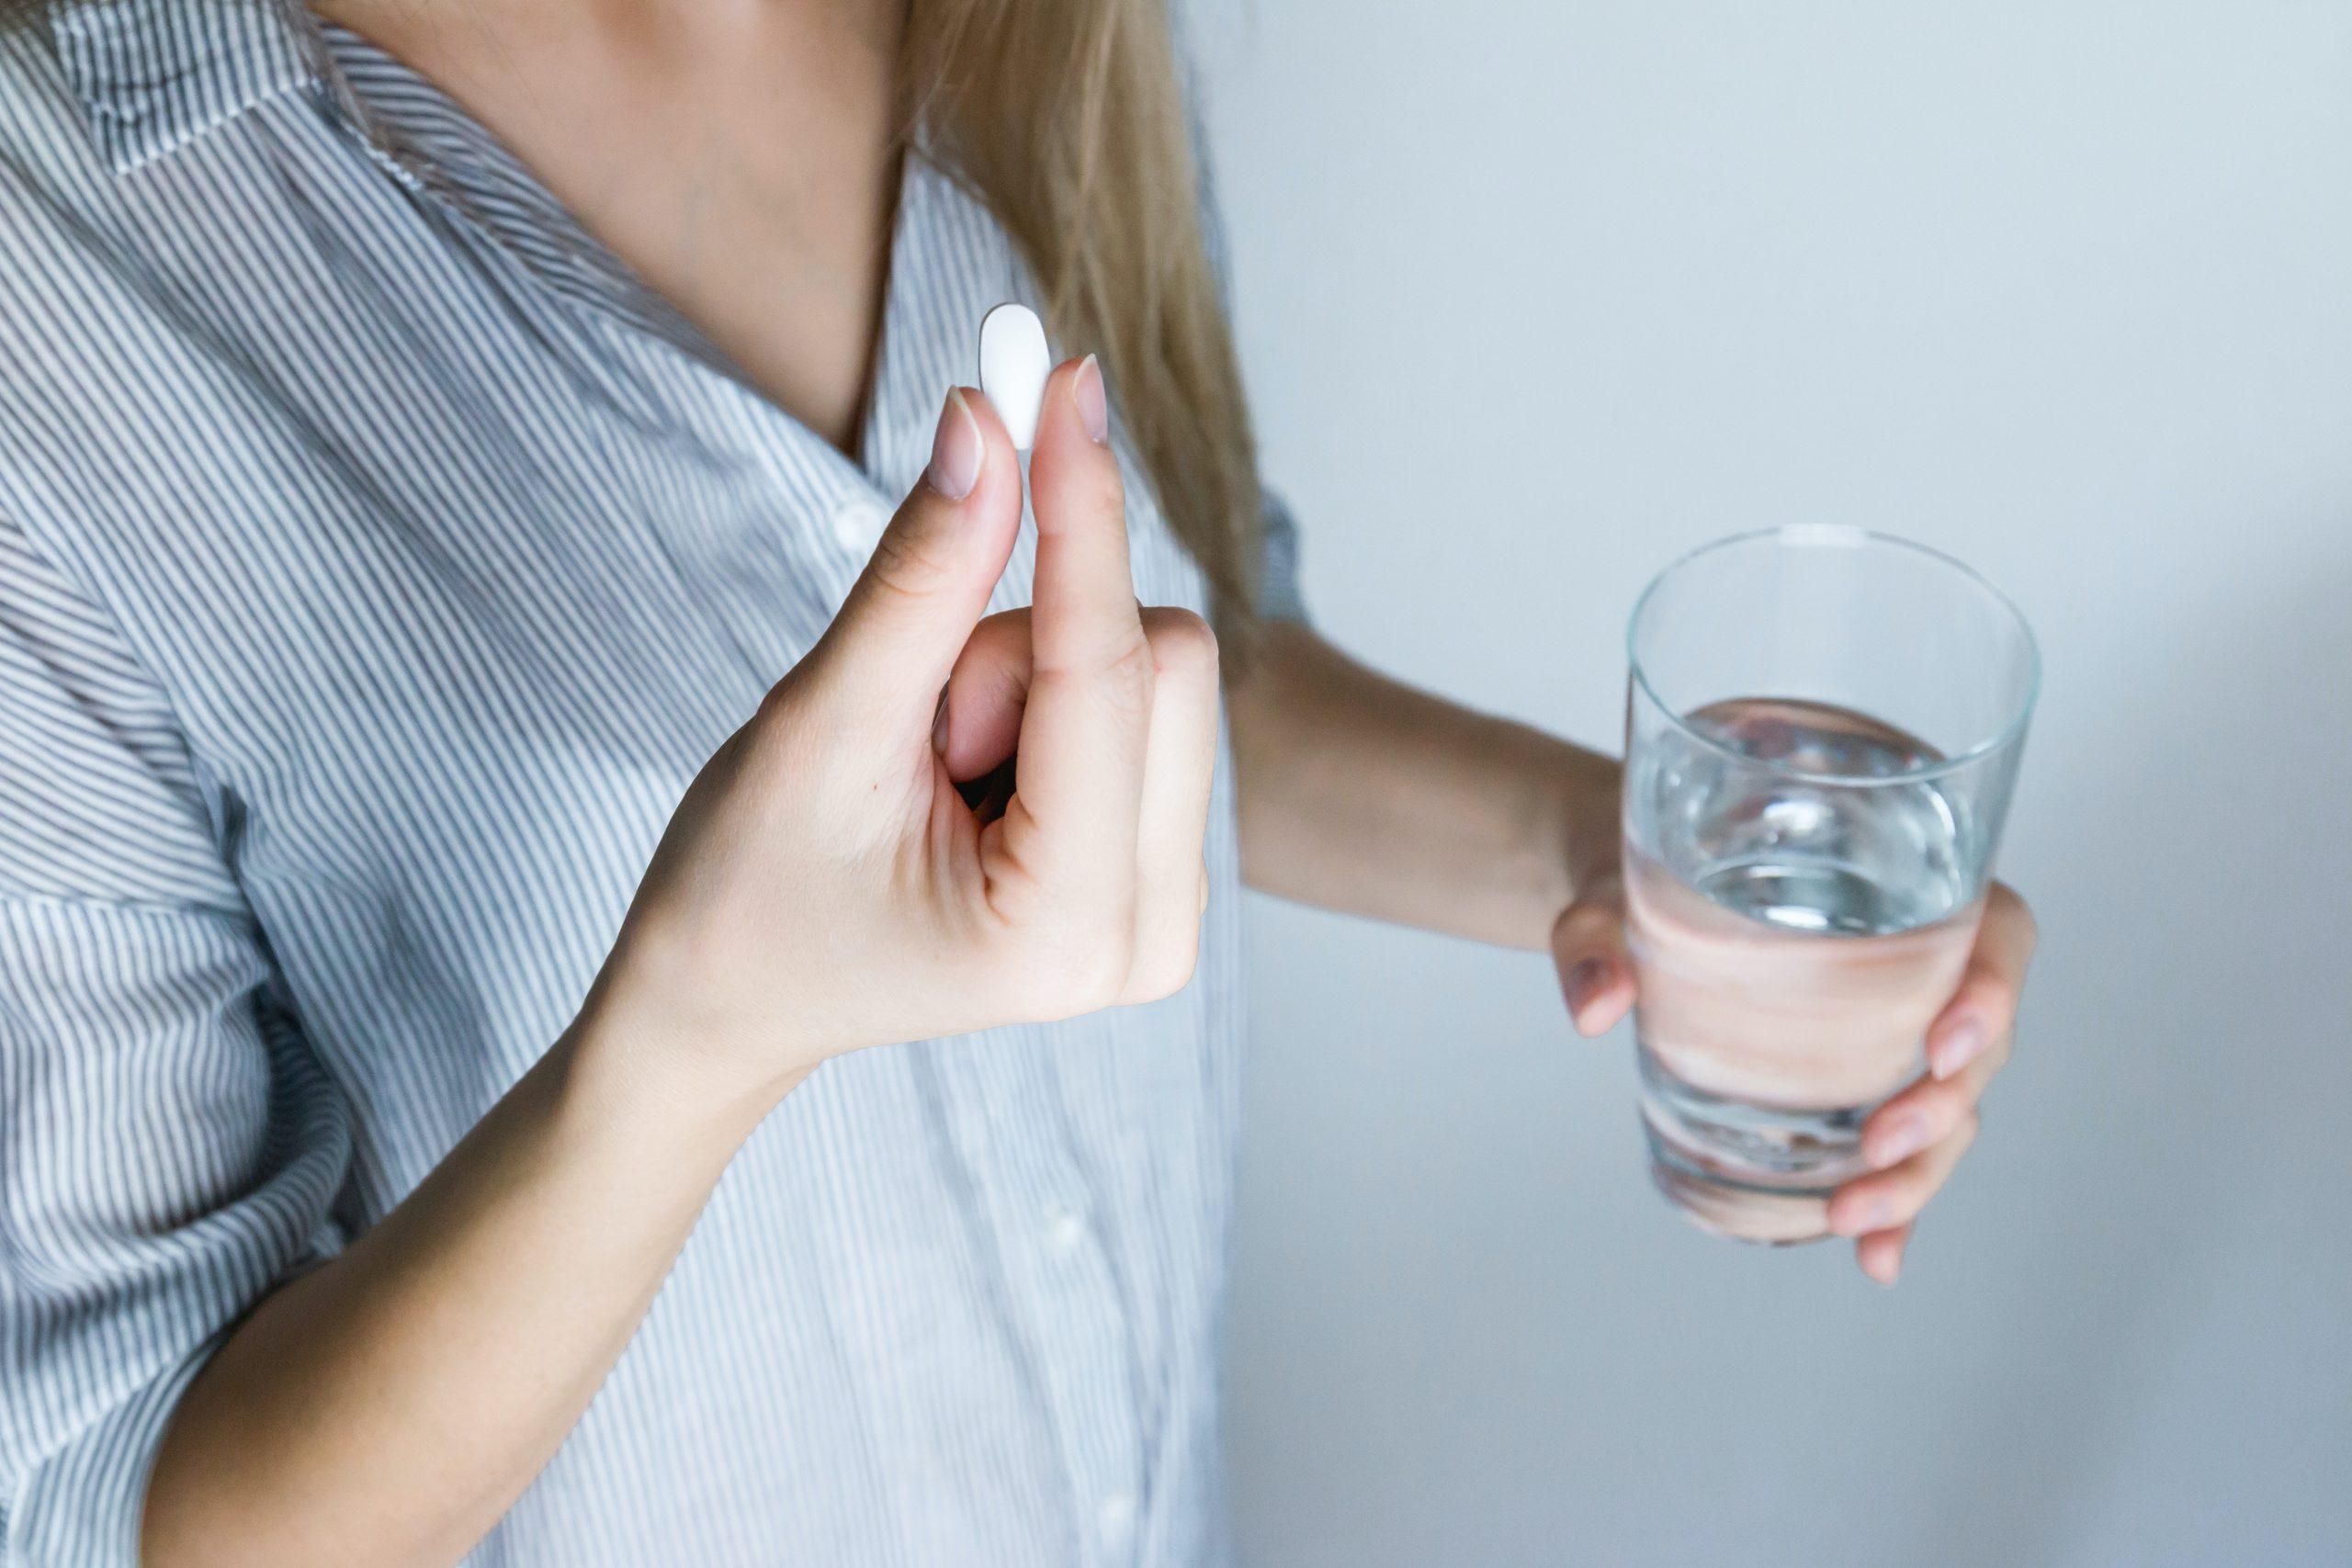 Hoeveel anticonceptiepilgebruiksters hebben trombose gekregen?